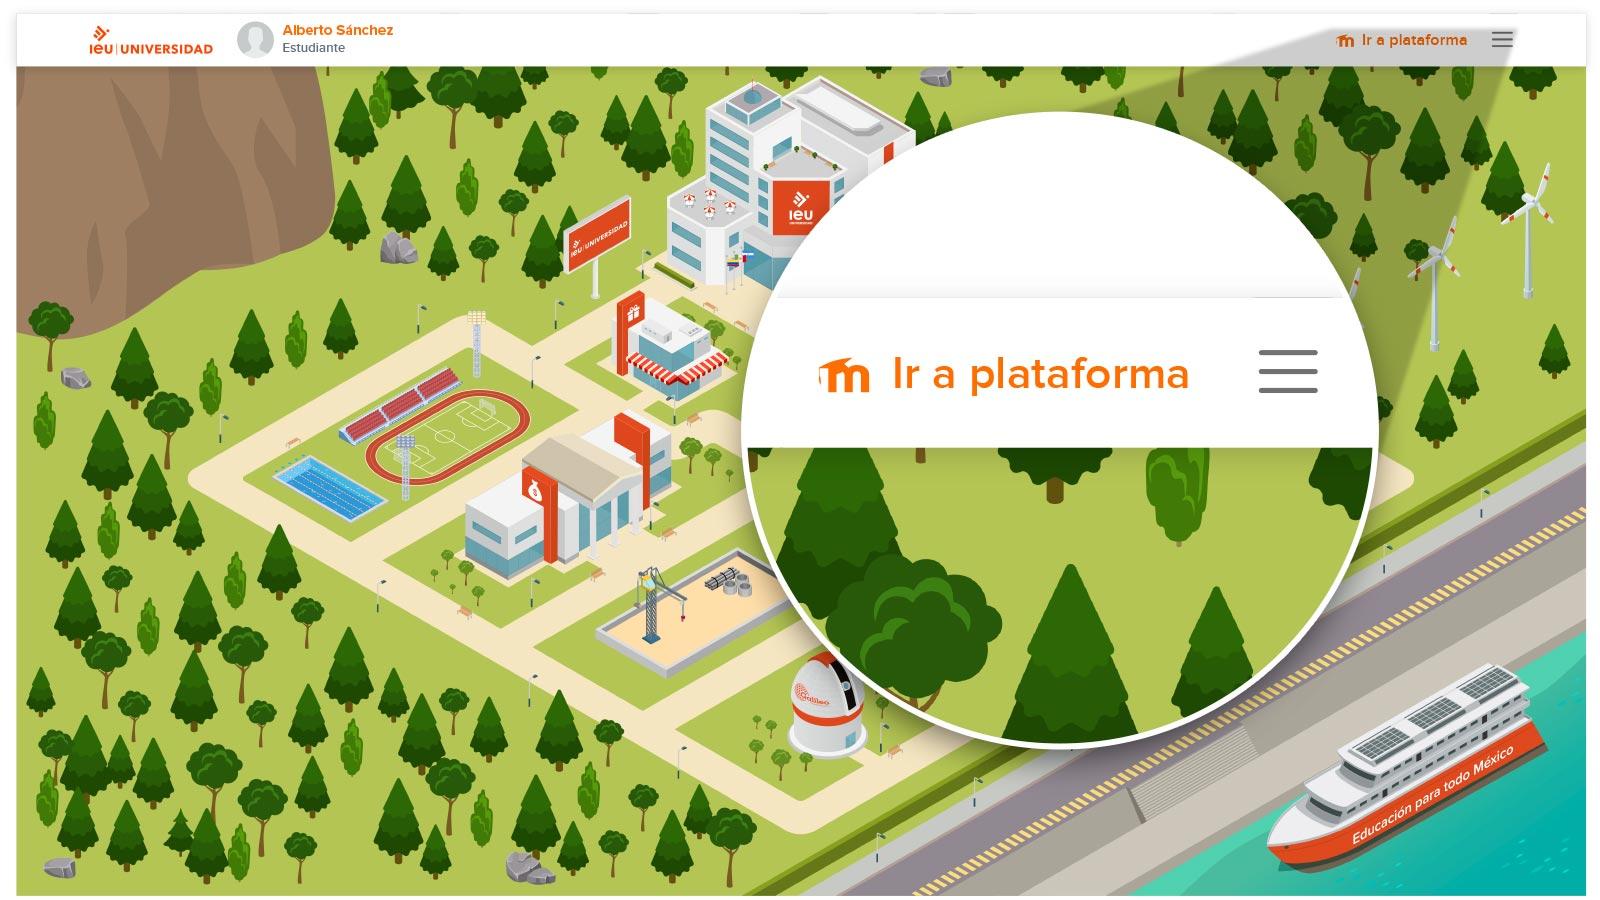 Entrar A Plataforma Campus Virtual Universidad Ieu